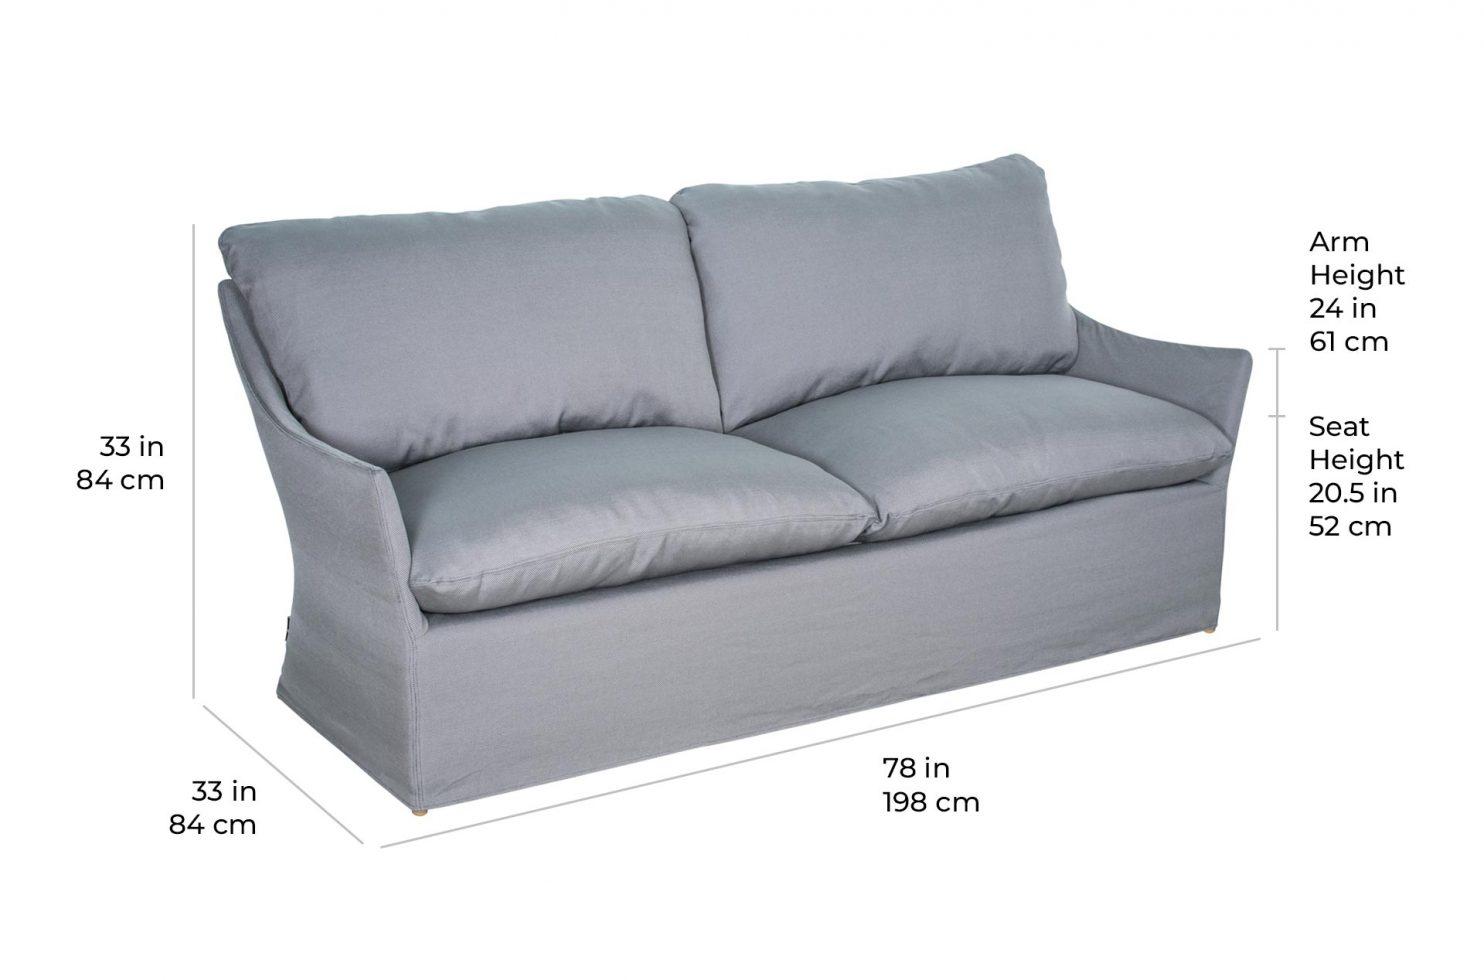 capri sofa 620FT094FC scale dims